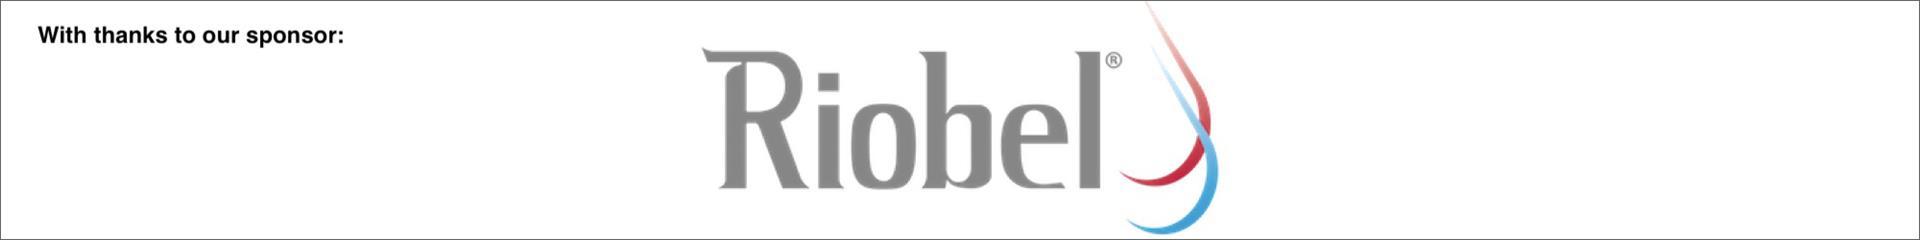 riobel_bottom.jpg